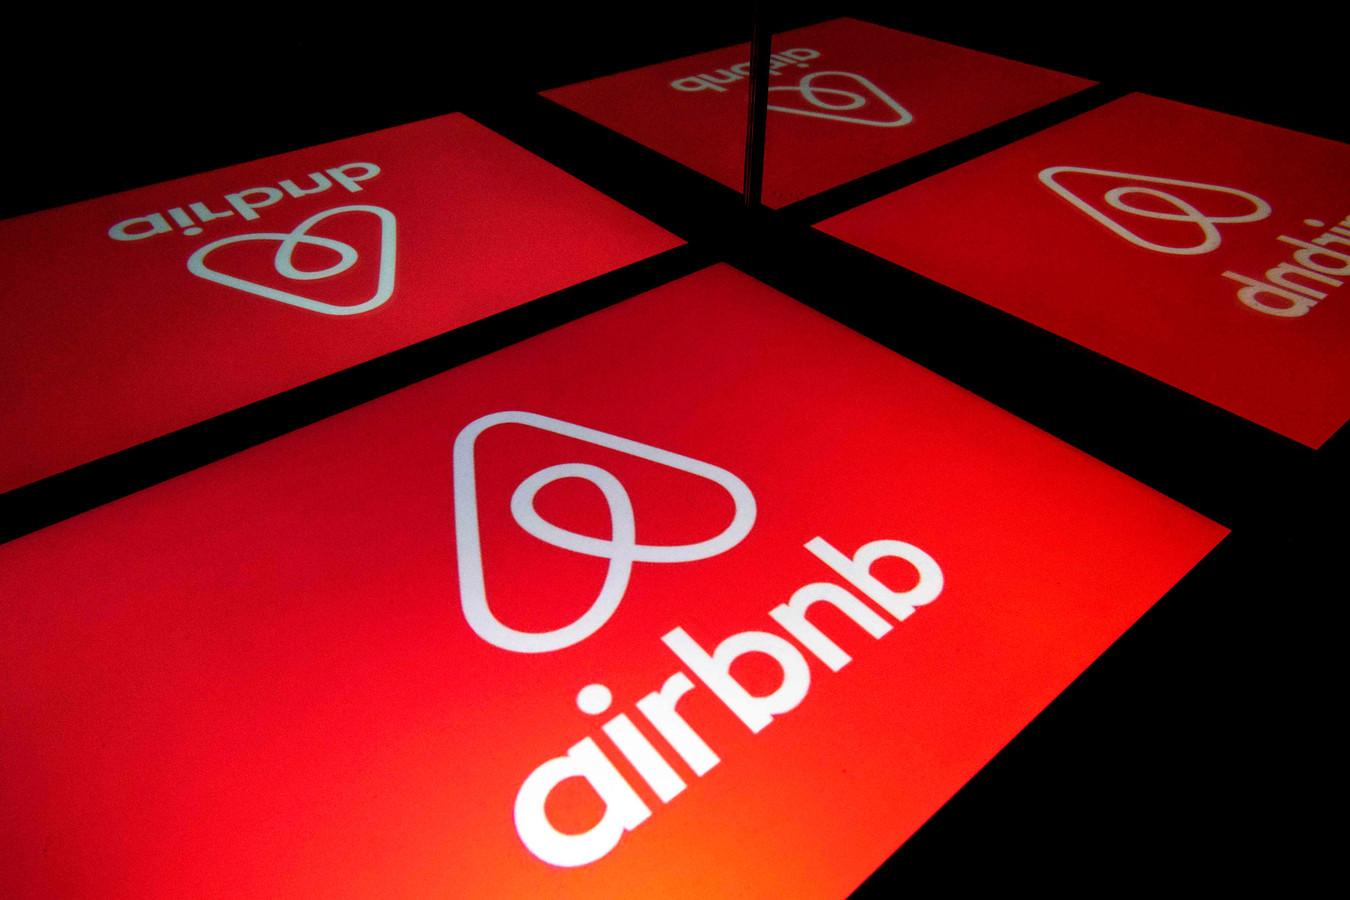 Airbnb investeert miljoenen om reputatieschade te voorkomen